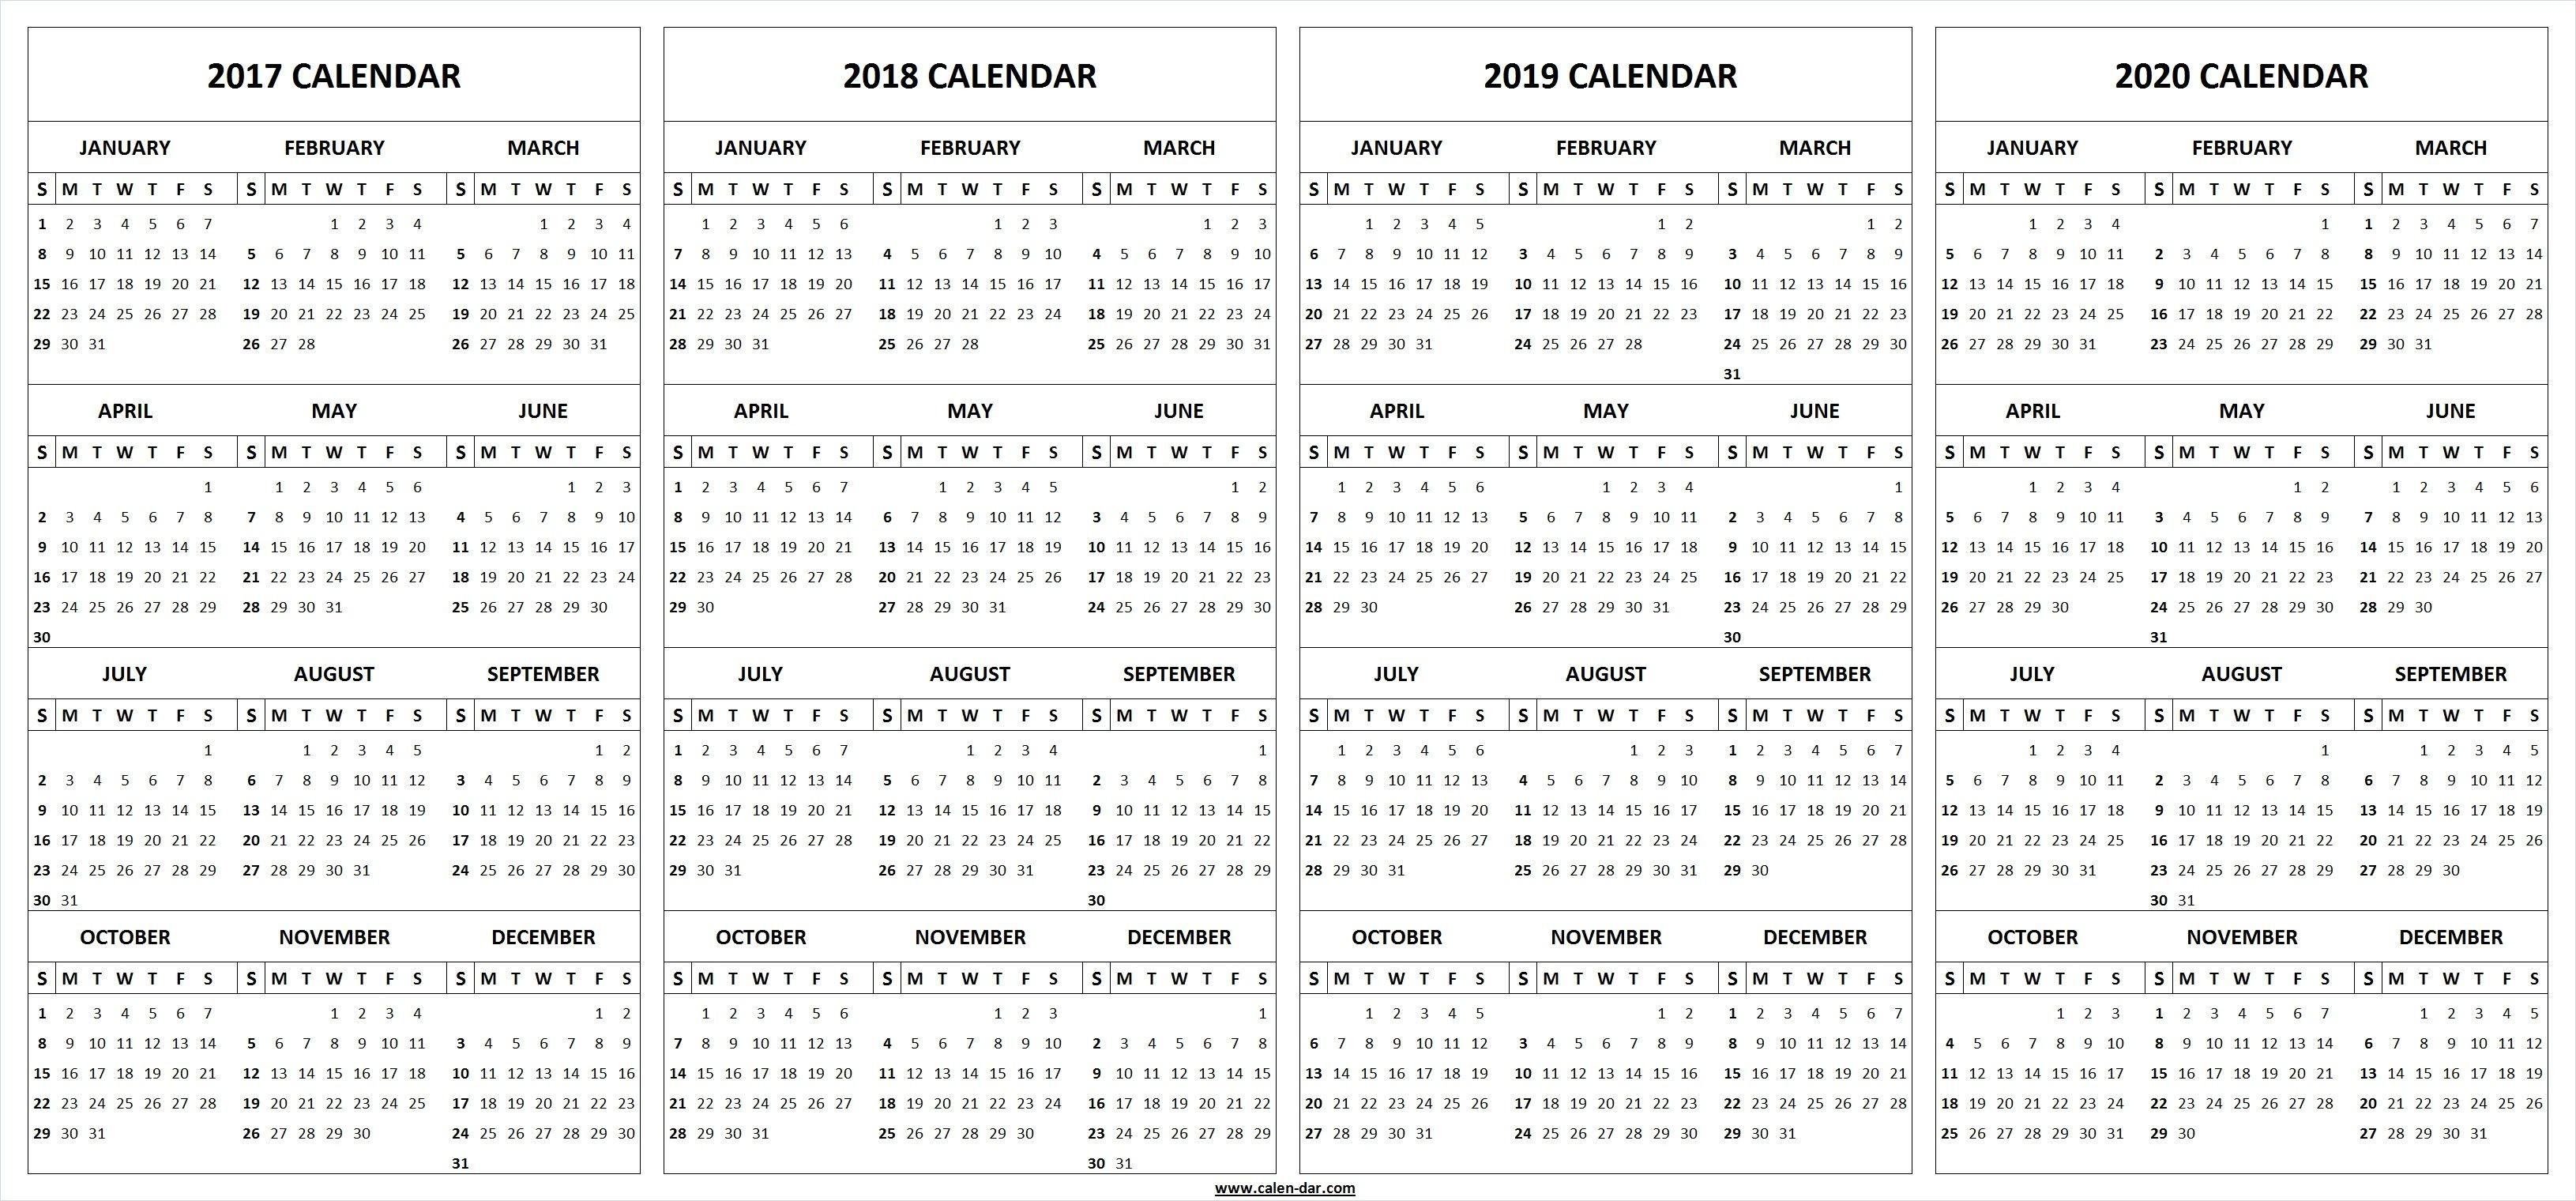 Calendario 2019 Imprimir A3 Más Arriba-a-fecha 4 Four Year 2017 2018 2019 2020 Calendar Printable Template Of Calendario 2019 Imprimir A3 Más Caliente Planificador Calendario Pared Para A±o 2019 Vector Plantilla